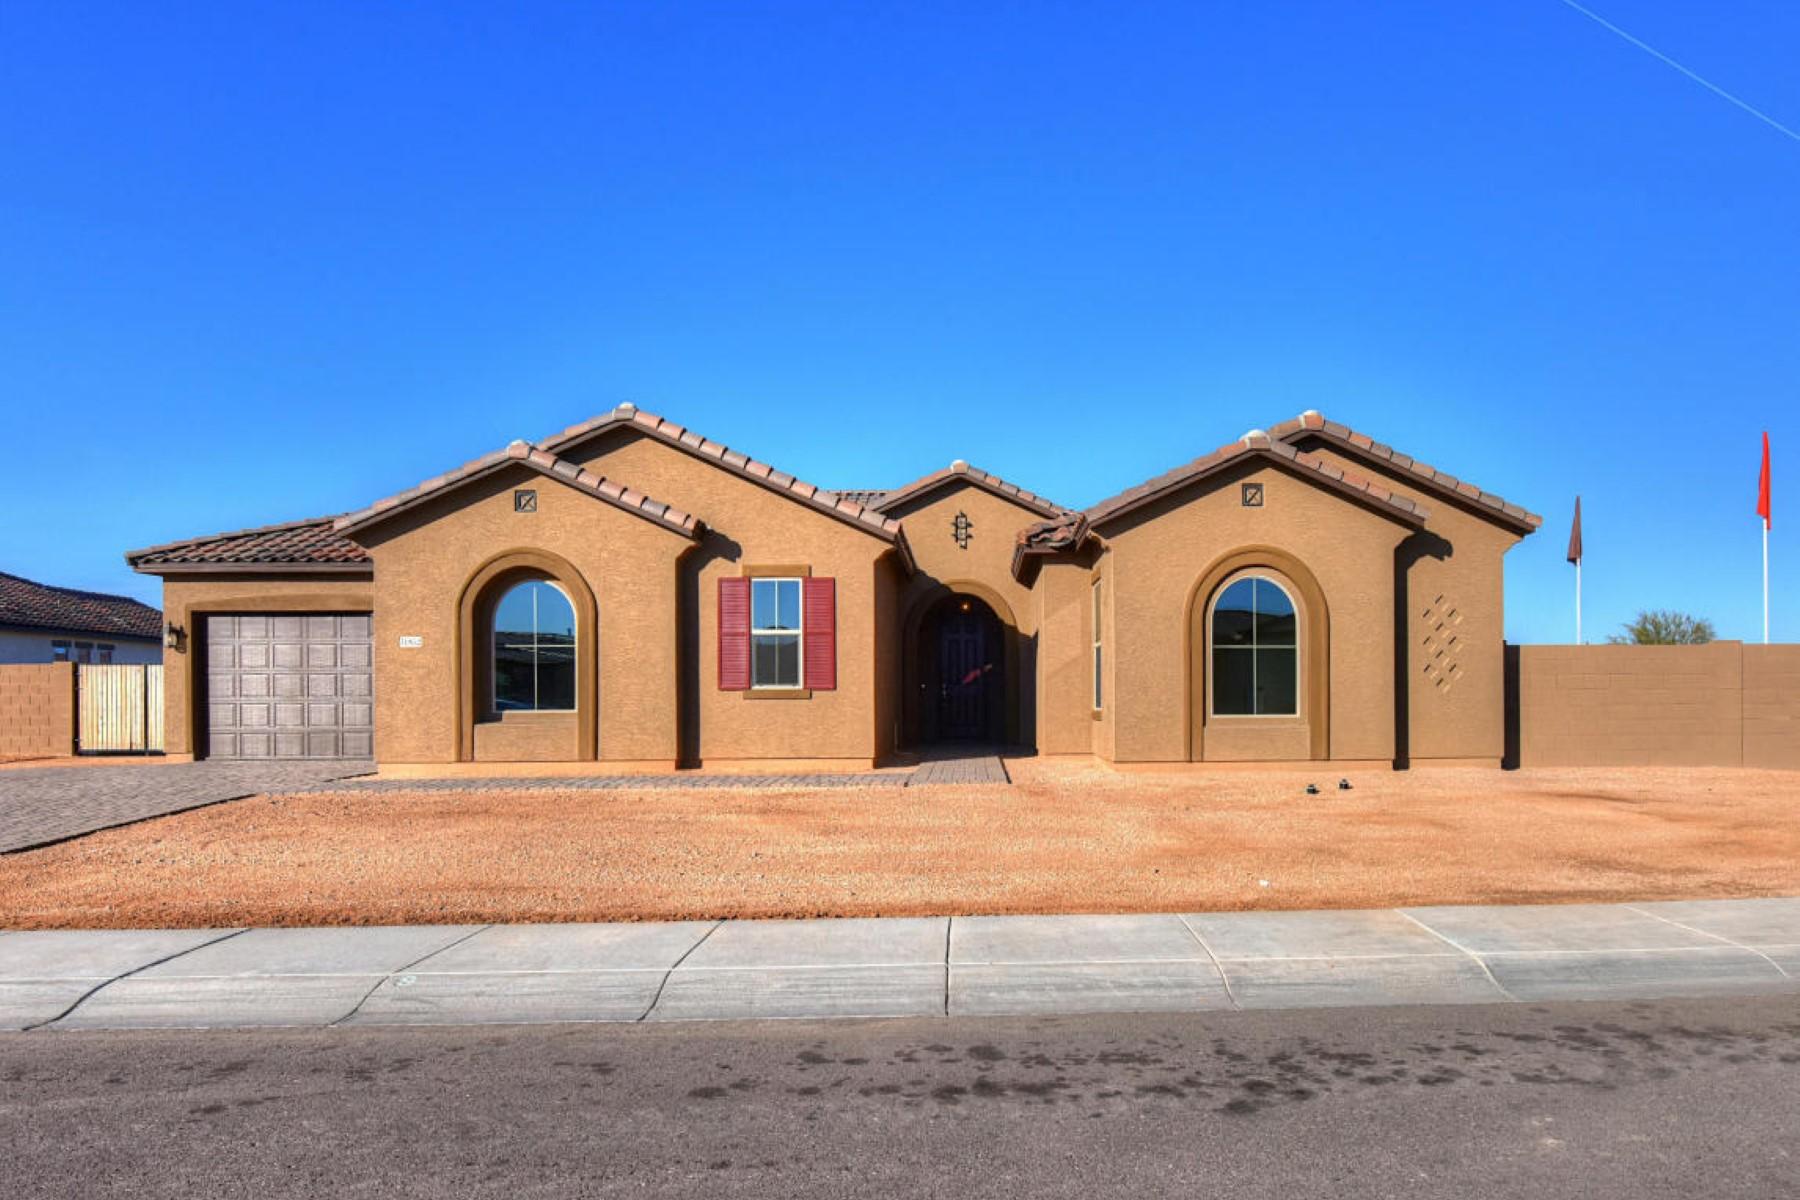 独户住宅 为 销售 在 Beautiful brand new three bedroom plus den 31852 N 61st St 凯夫克里克, 亚利桑那州 85331 美国